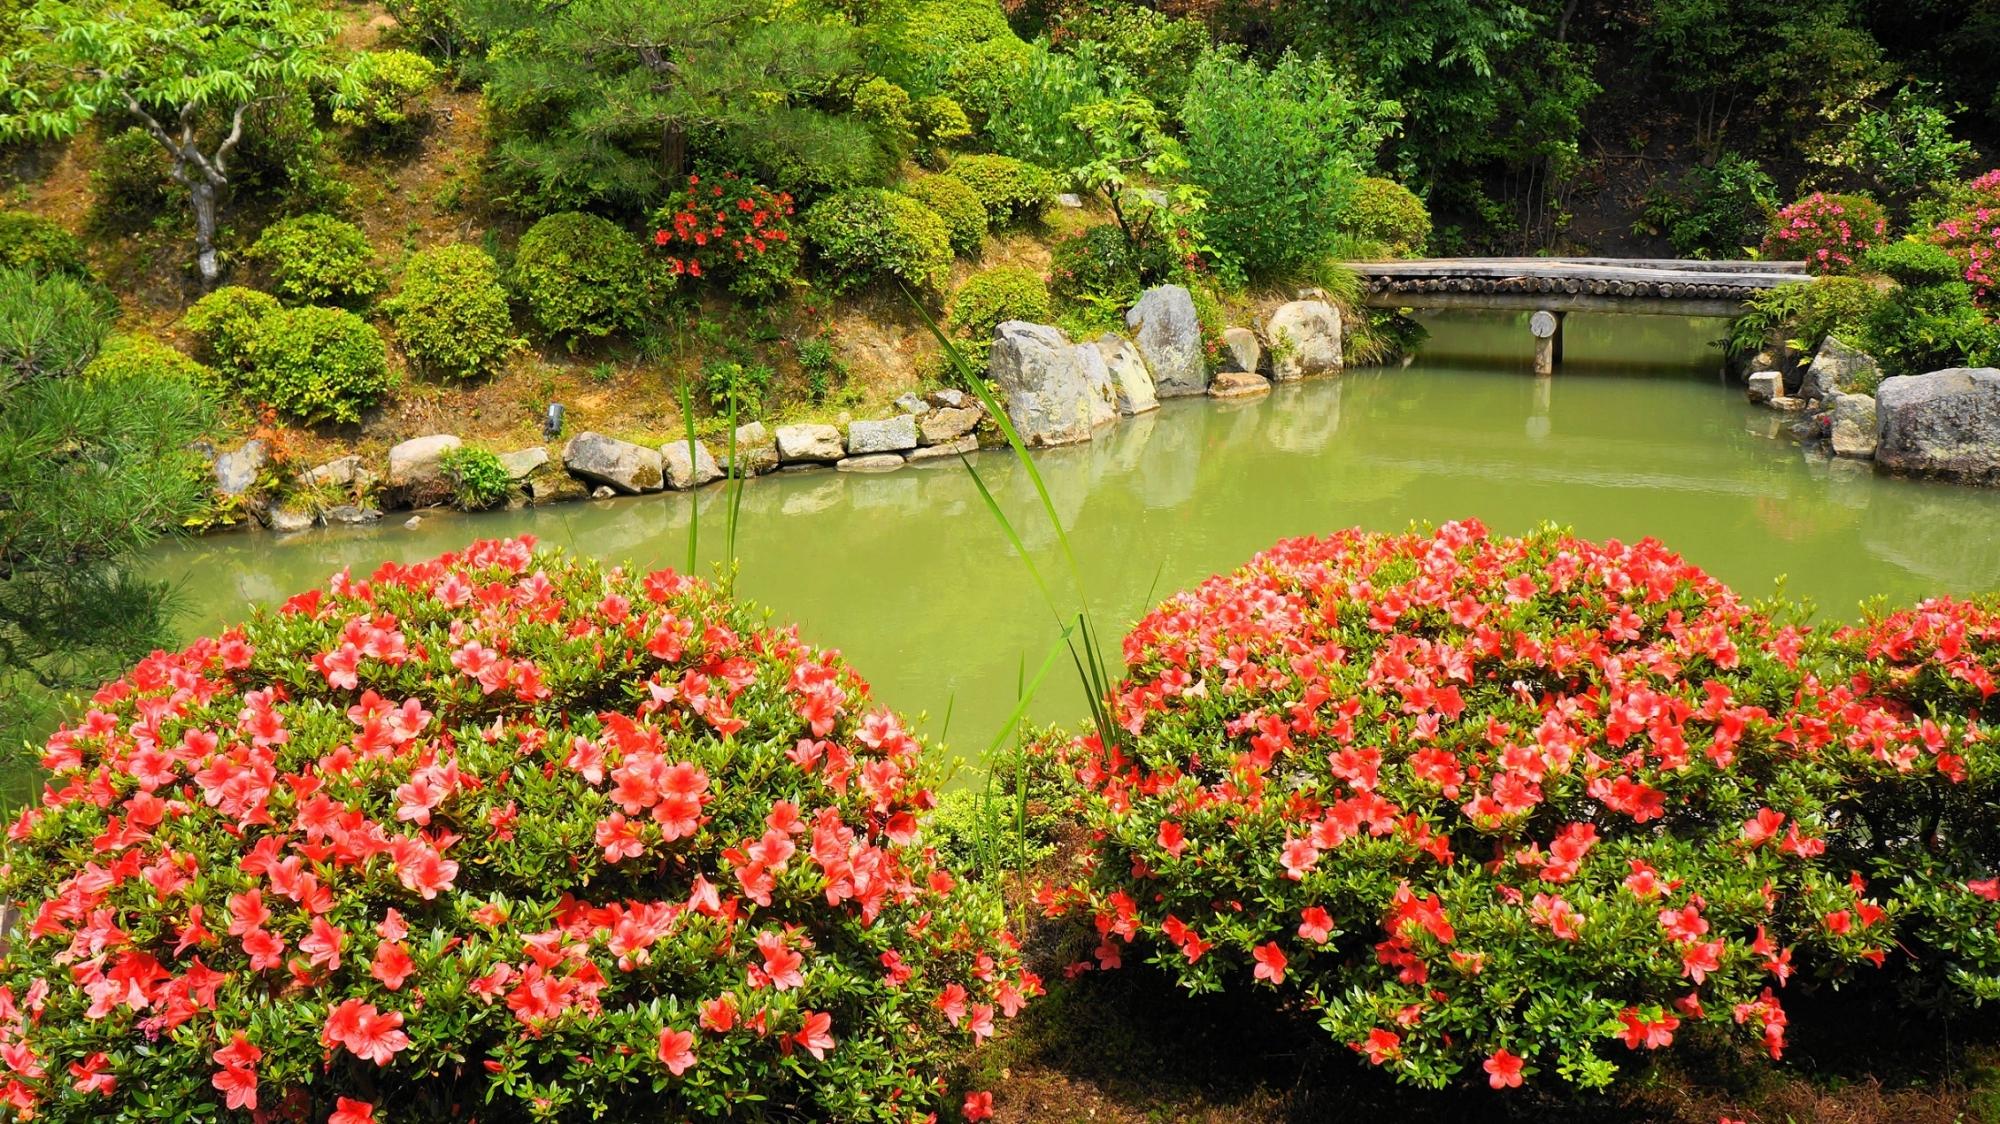 智積院の名勝庭園の見ごろの華やかなさつき 6月5日